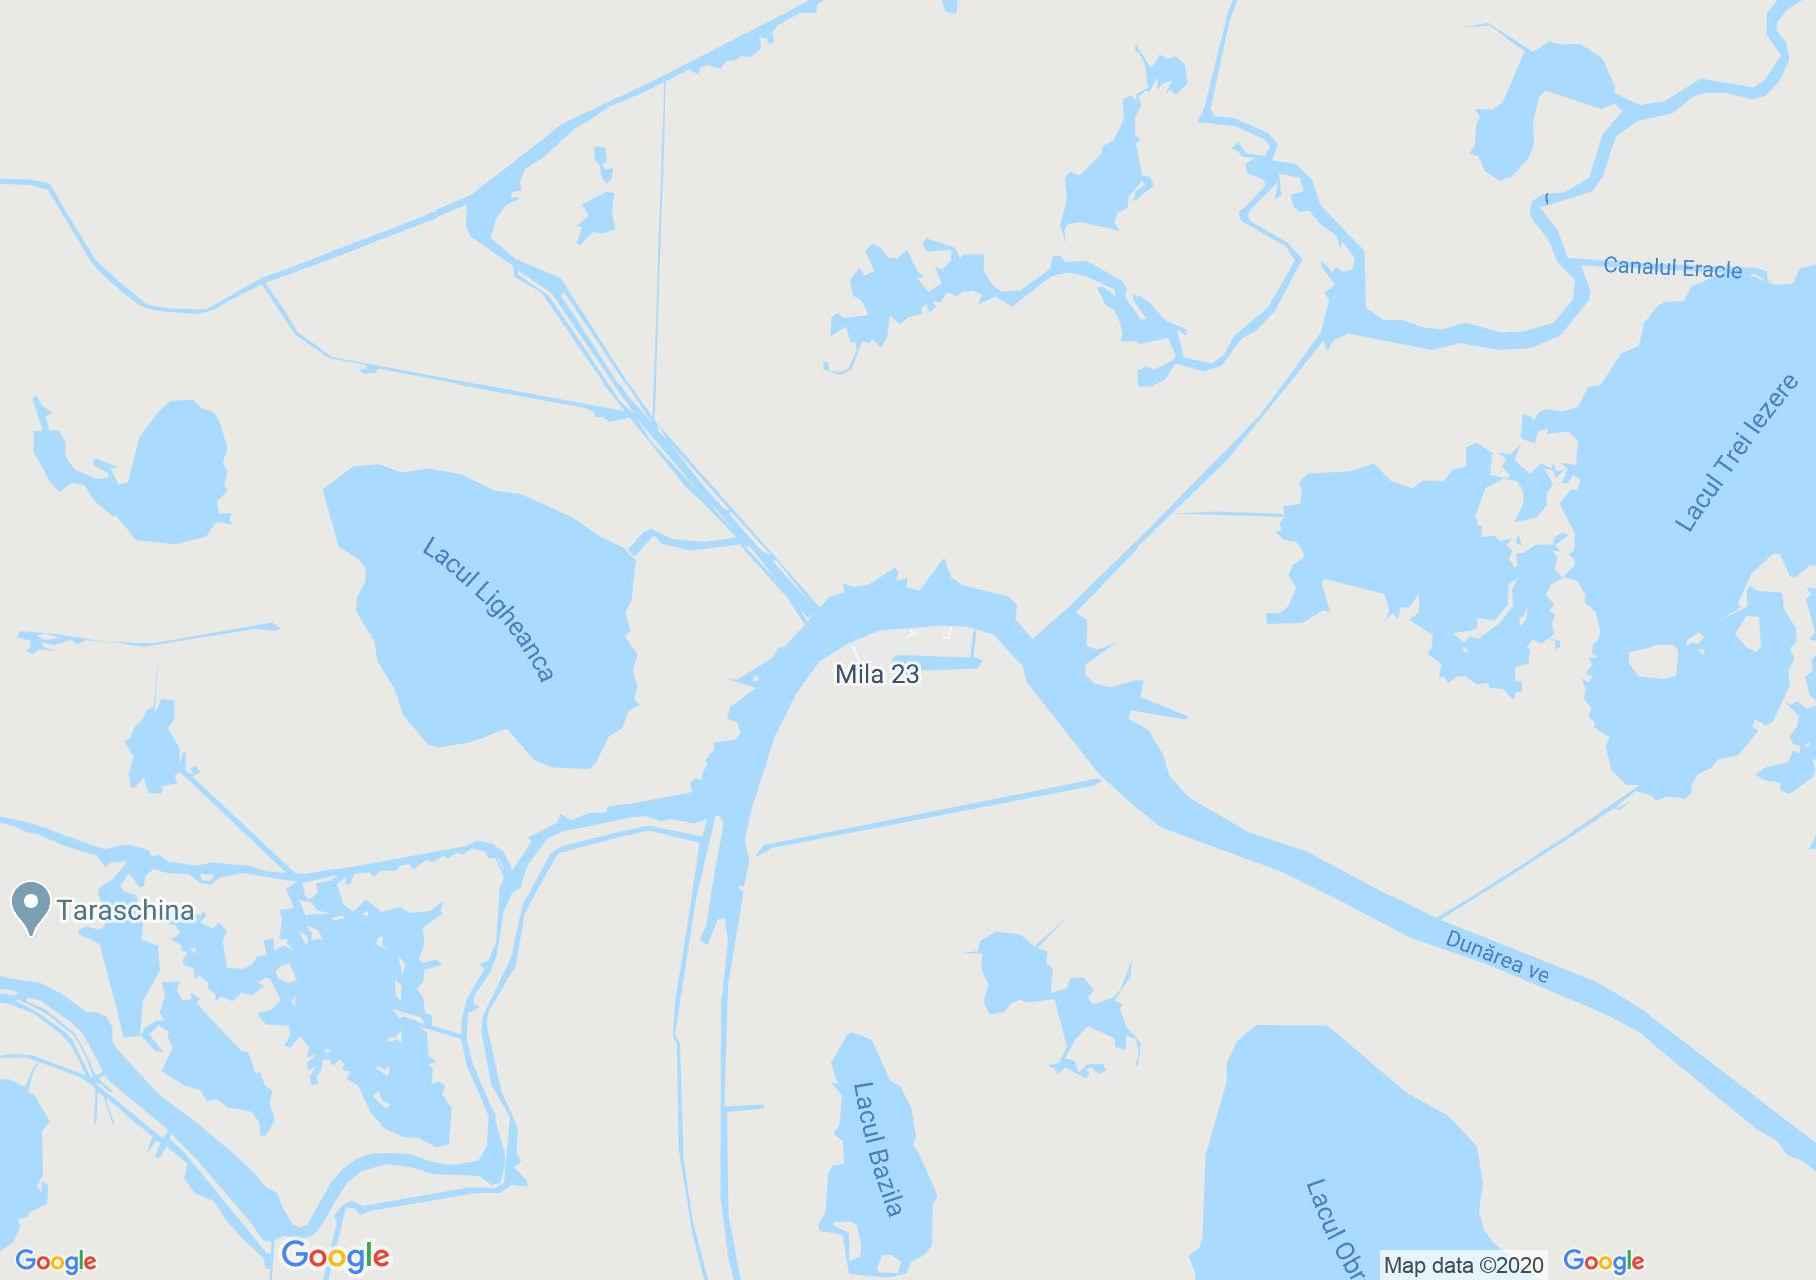 Mila 23, Harta turistică interactivă